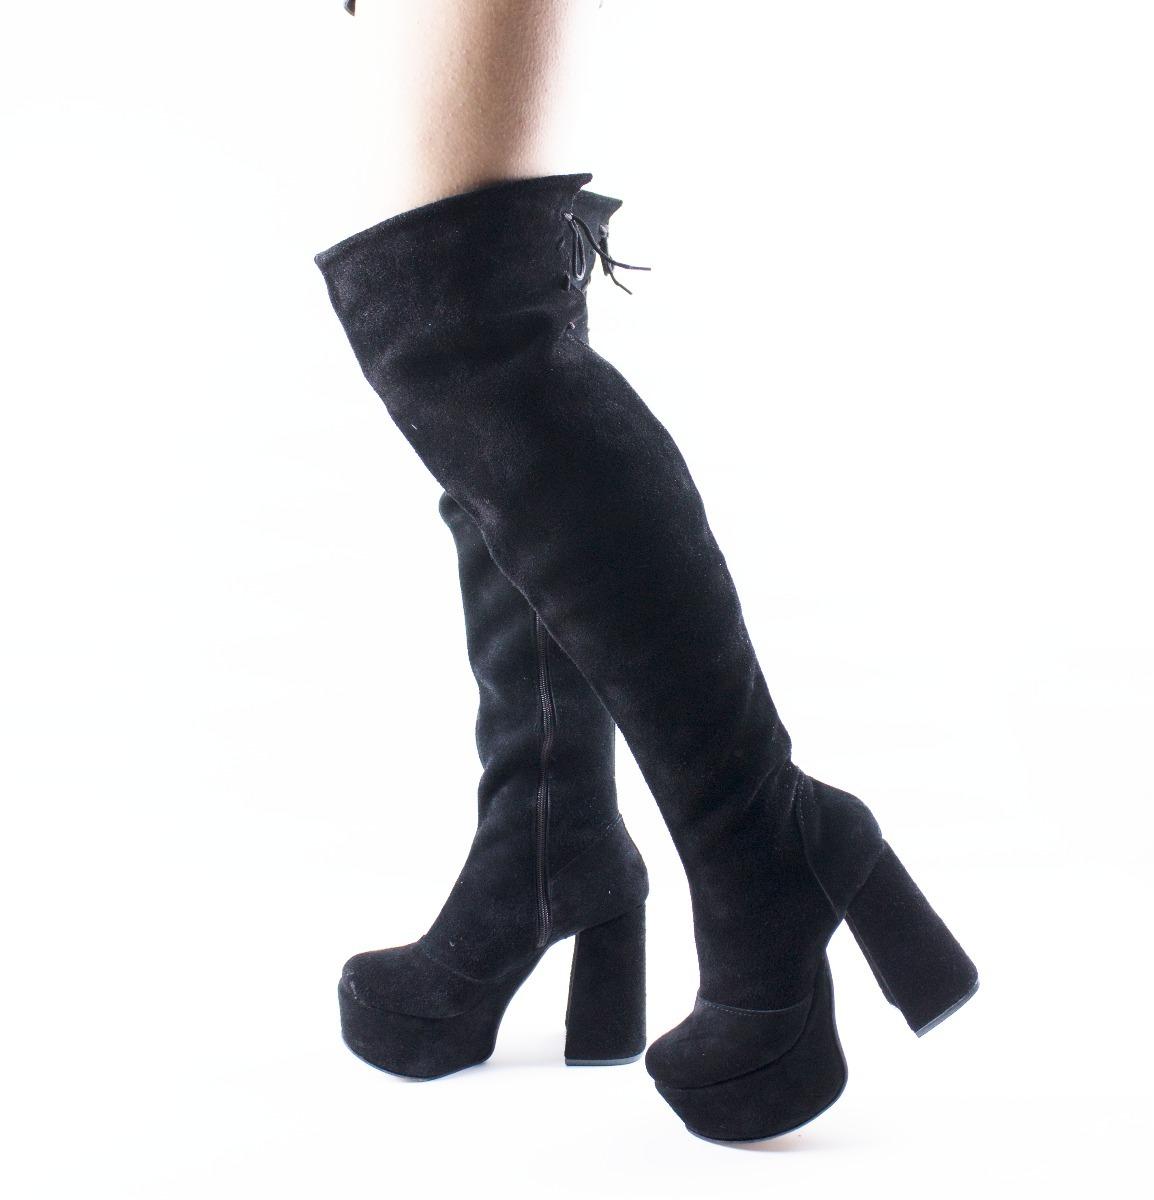 f18bc4ab9 botas altas mujer bucaneras plataforma caña alta gamuzadas. Cargando zoom.